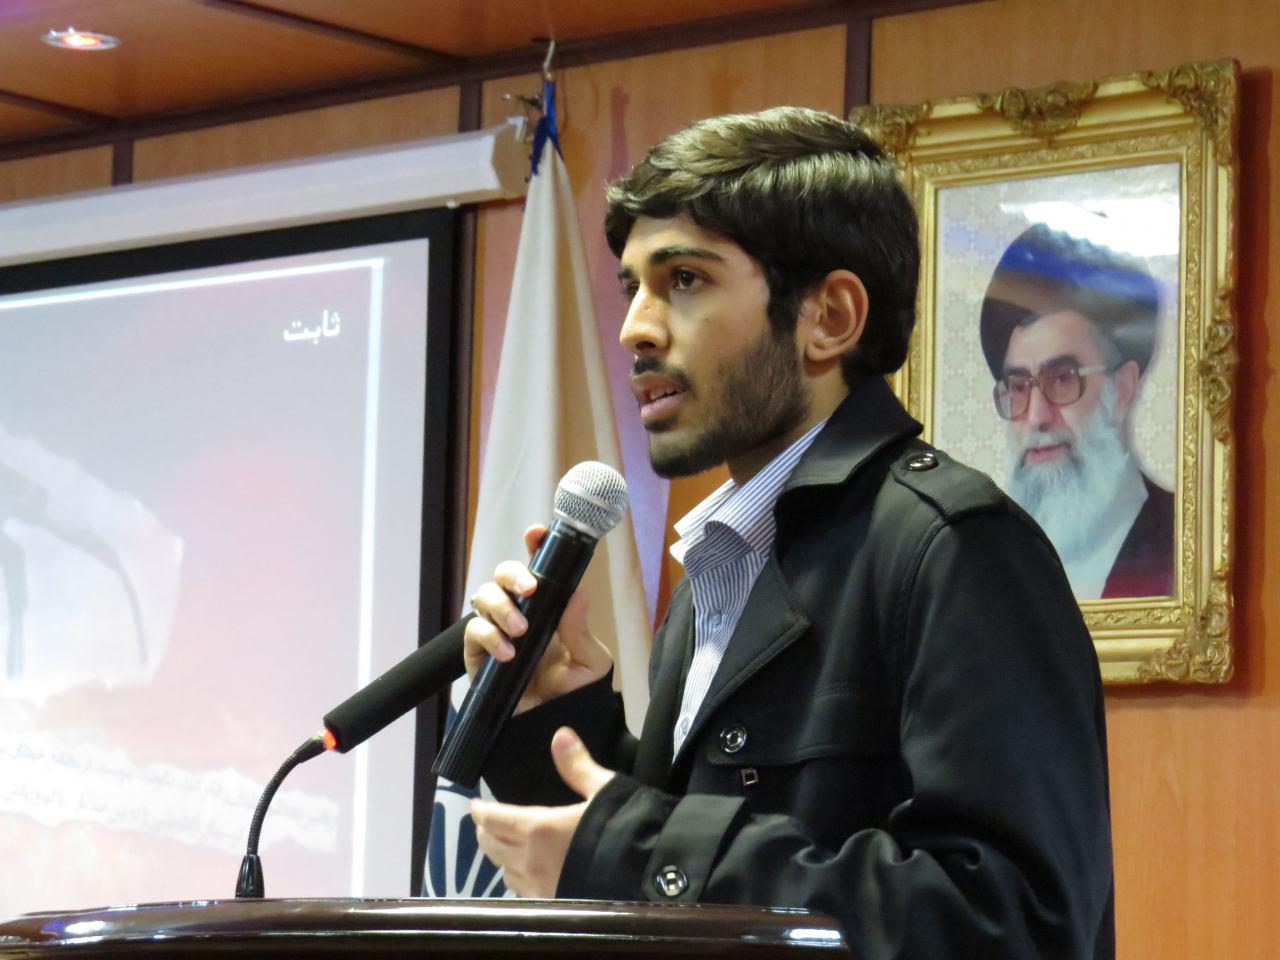 چهار نکته از پیام رهبری به اتحادیه انجمن های اسلامی دانشجویان اروپا